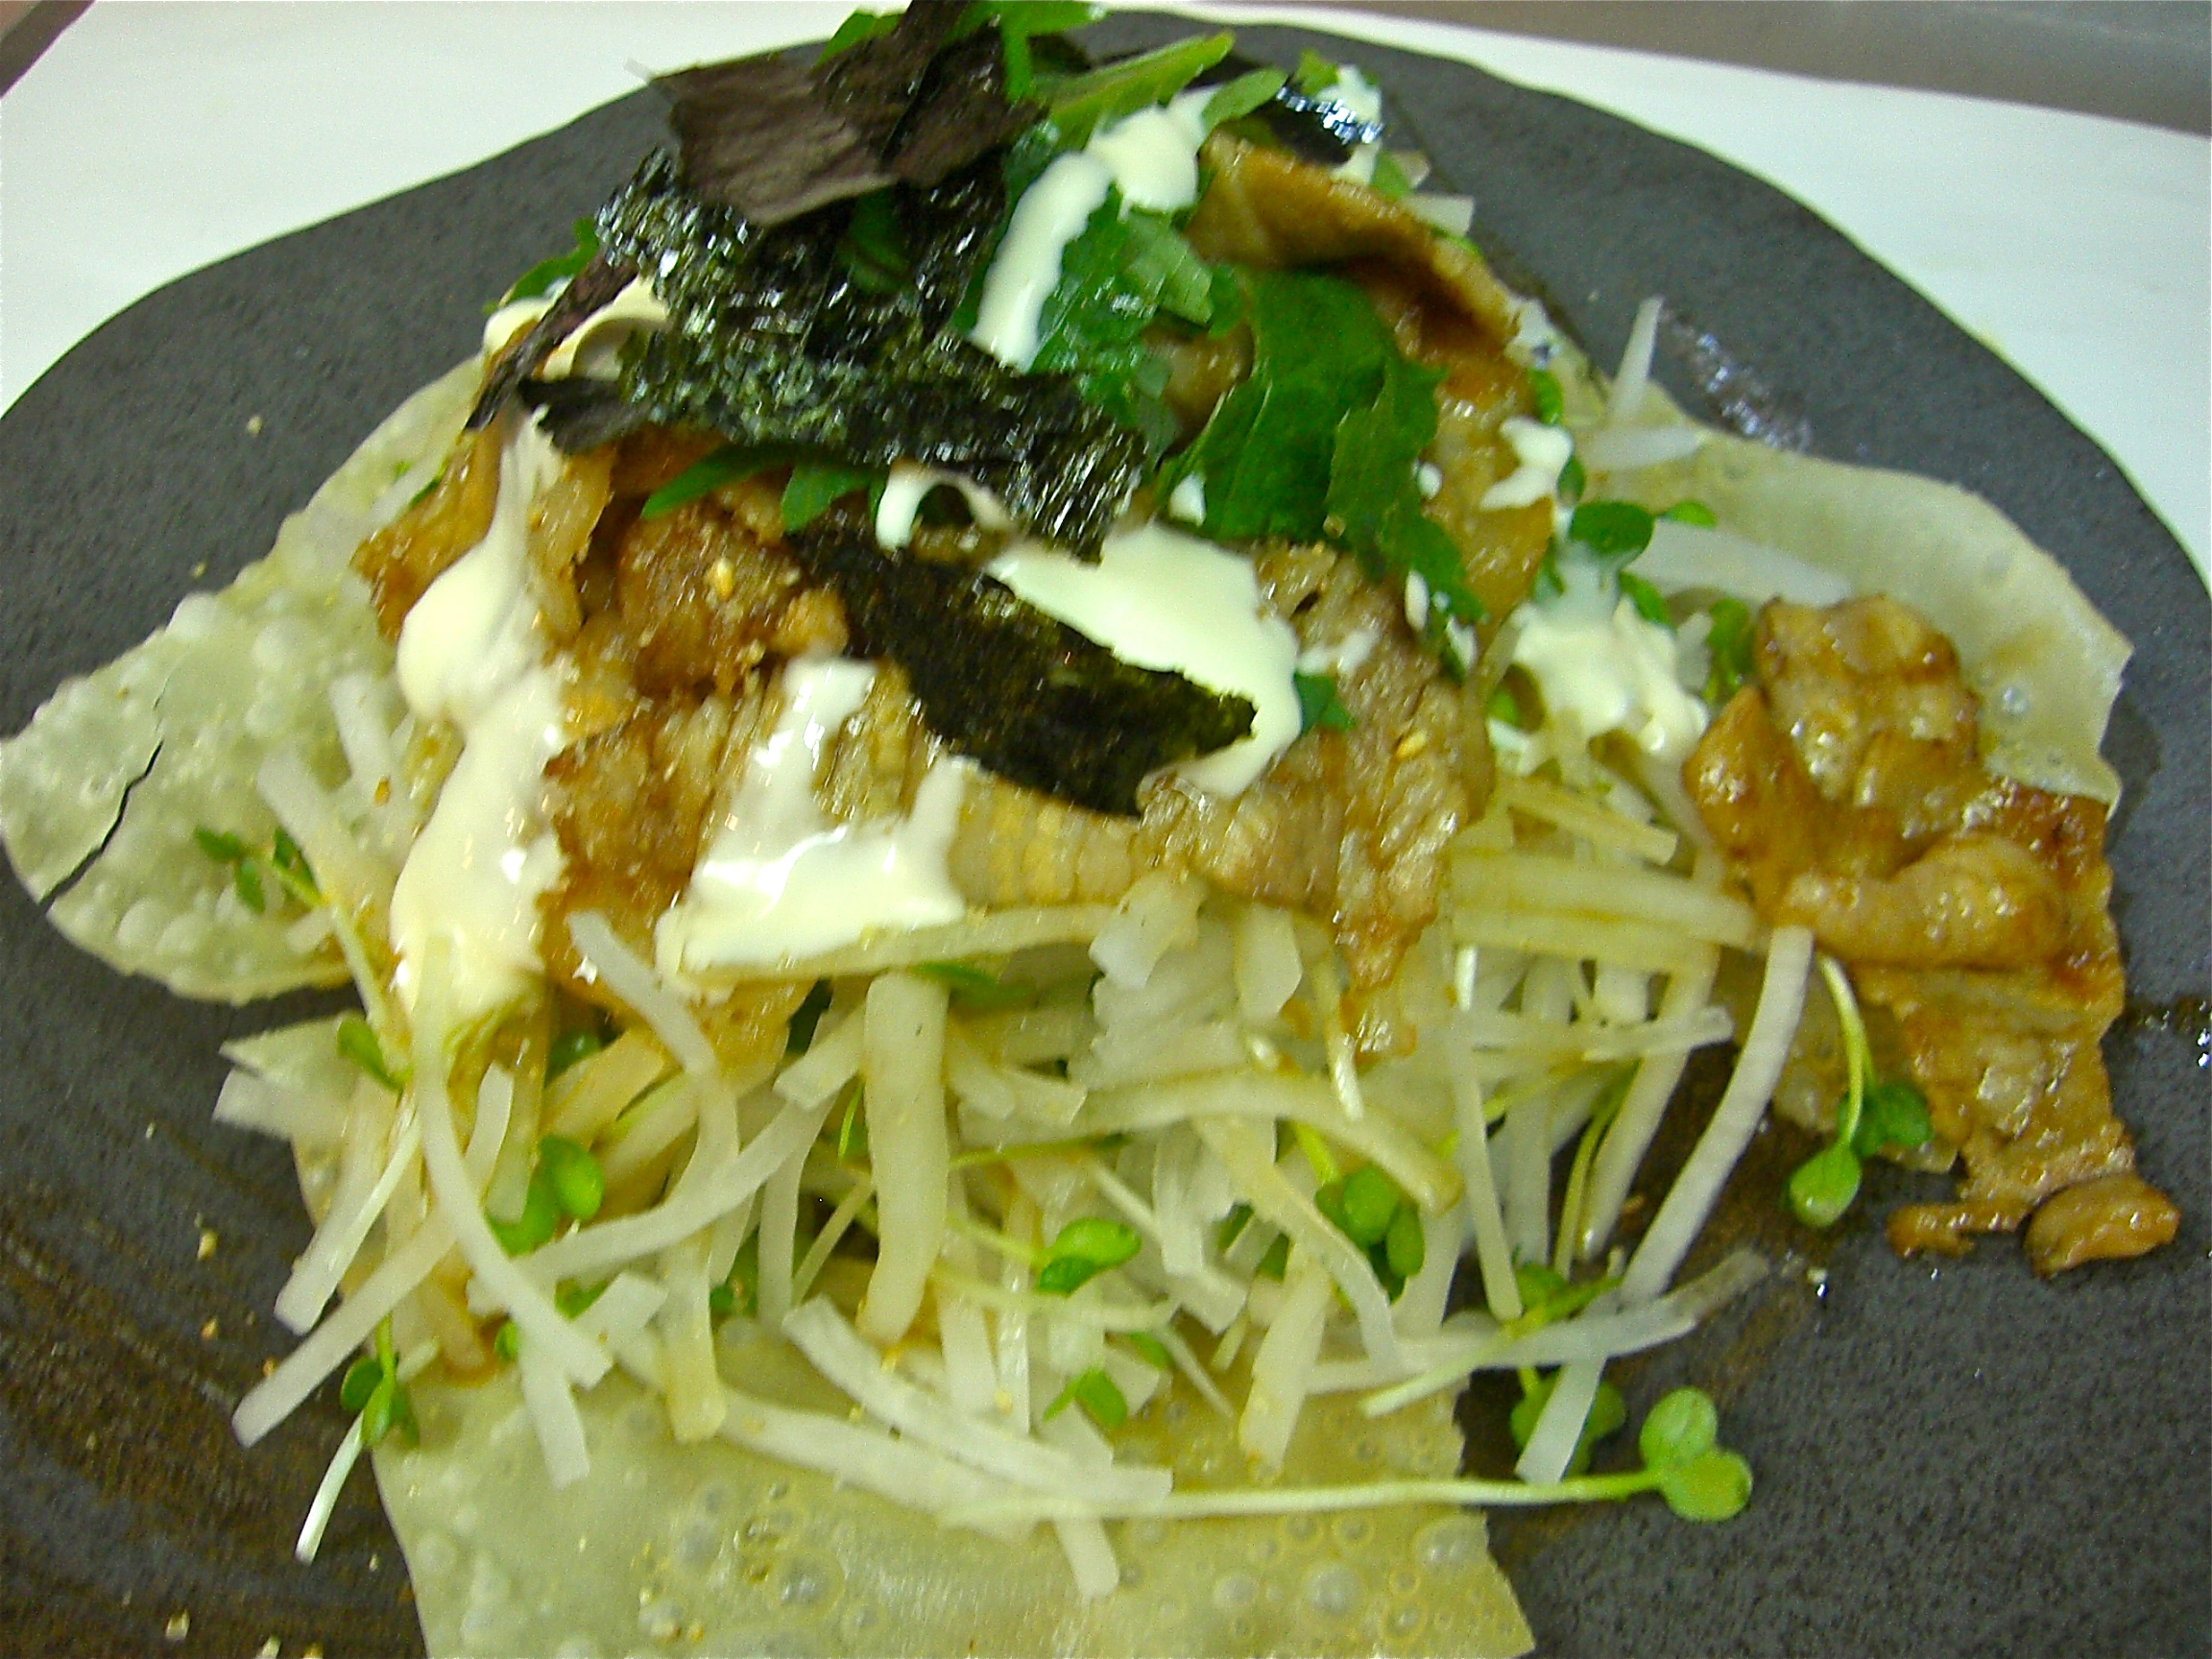 大根パリパリ豚バラ生姜焼きサラダ(豚バラ料理1)